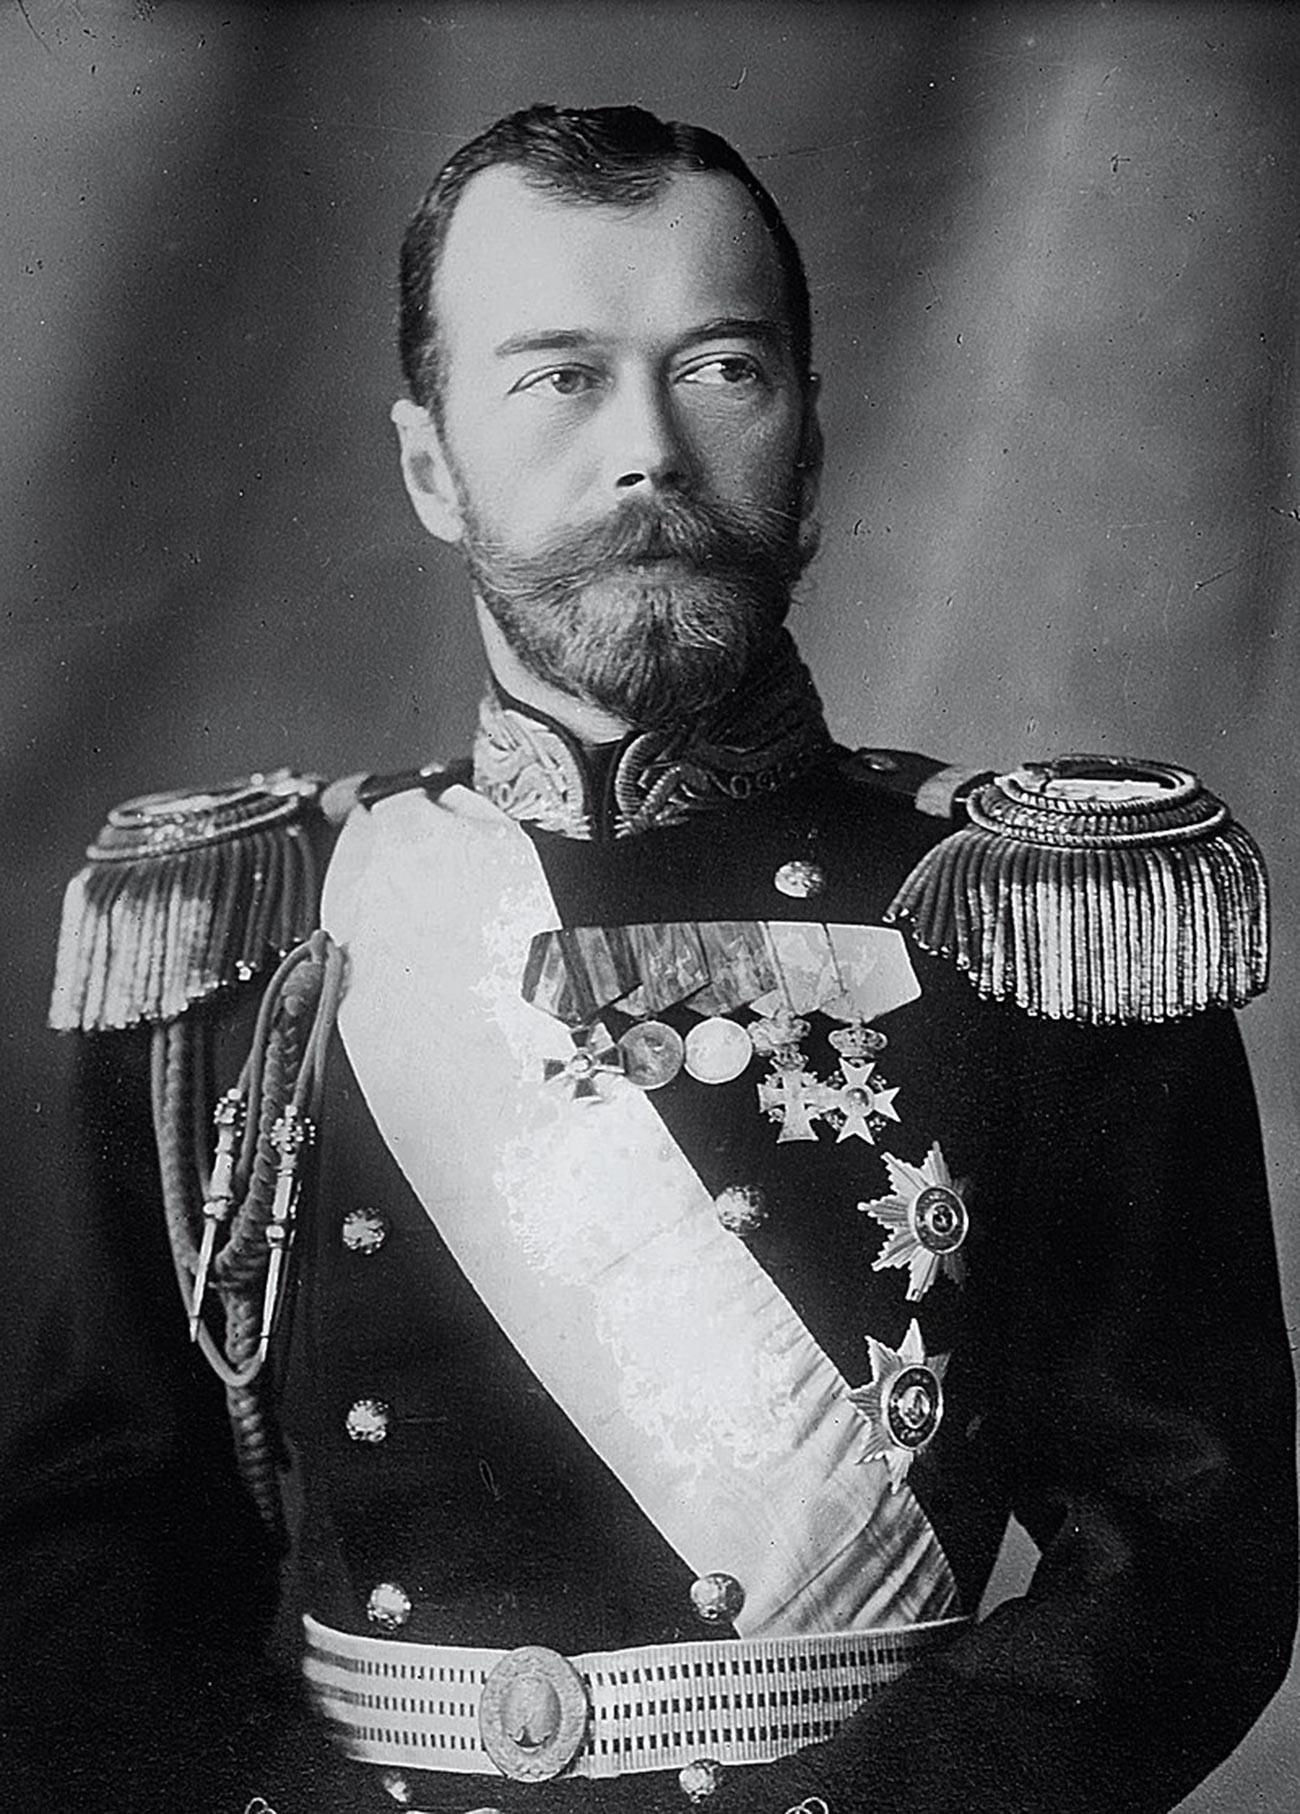 Portrait of Tsar Nicholas II.